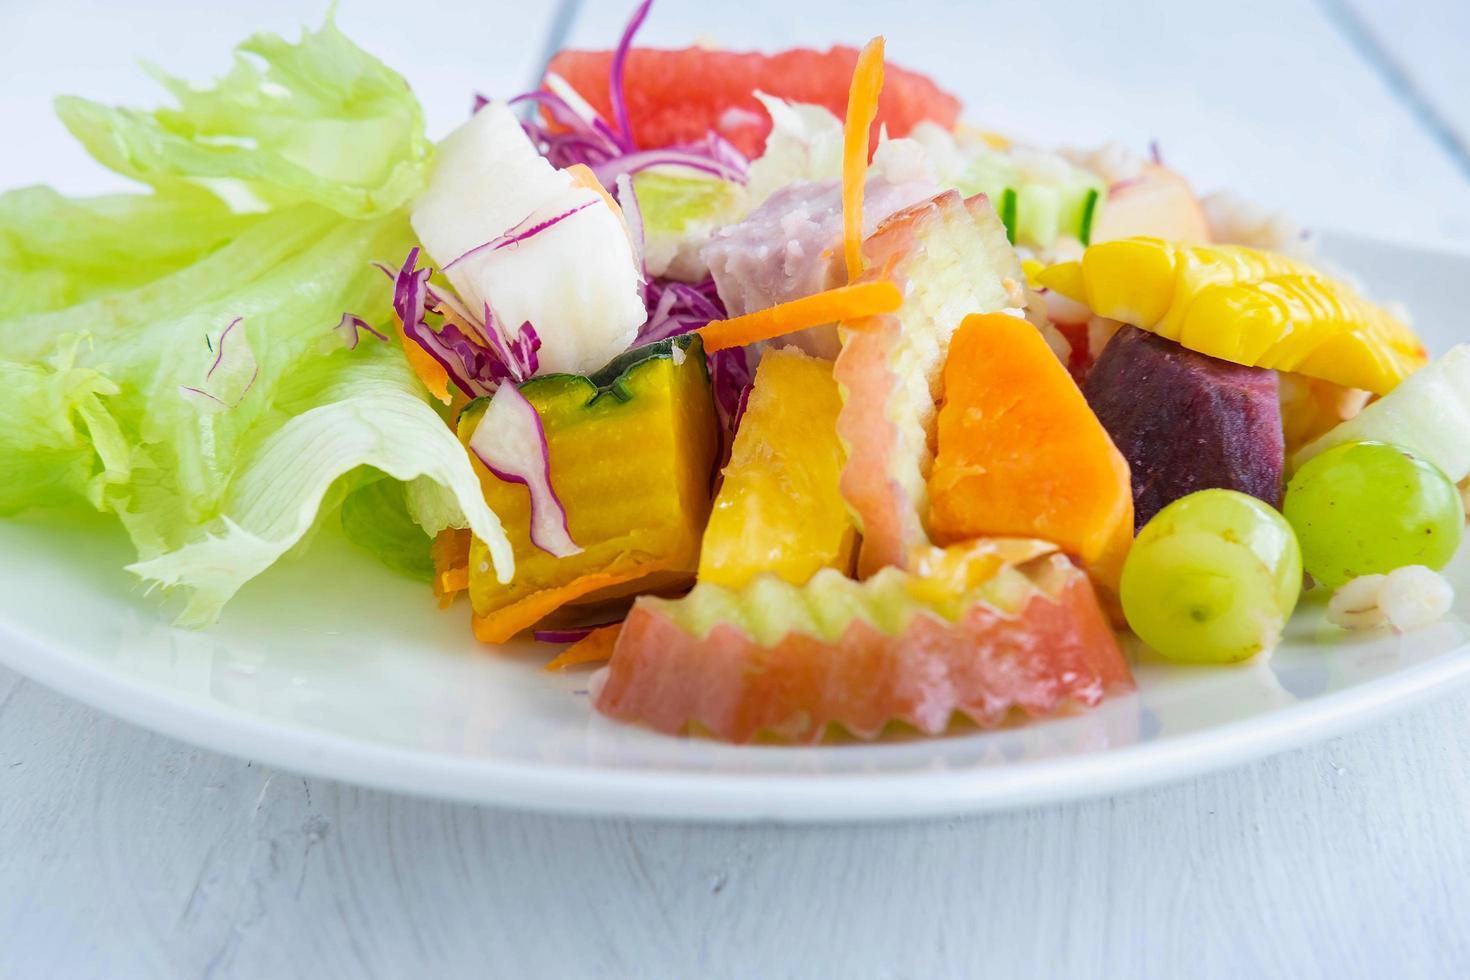 salade de fruits et légumes sains photo